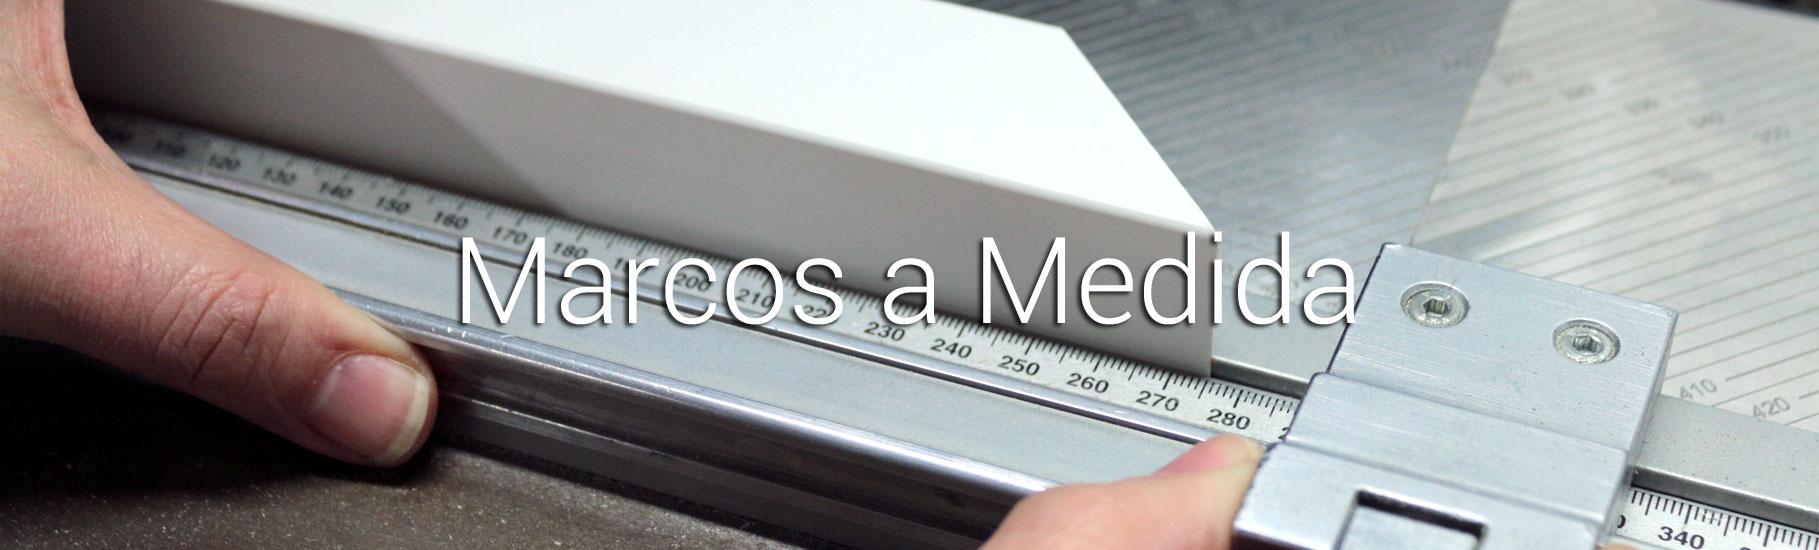 1.Marcos_a_Medida